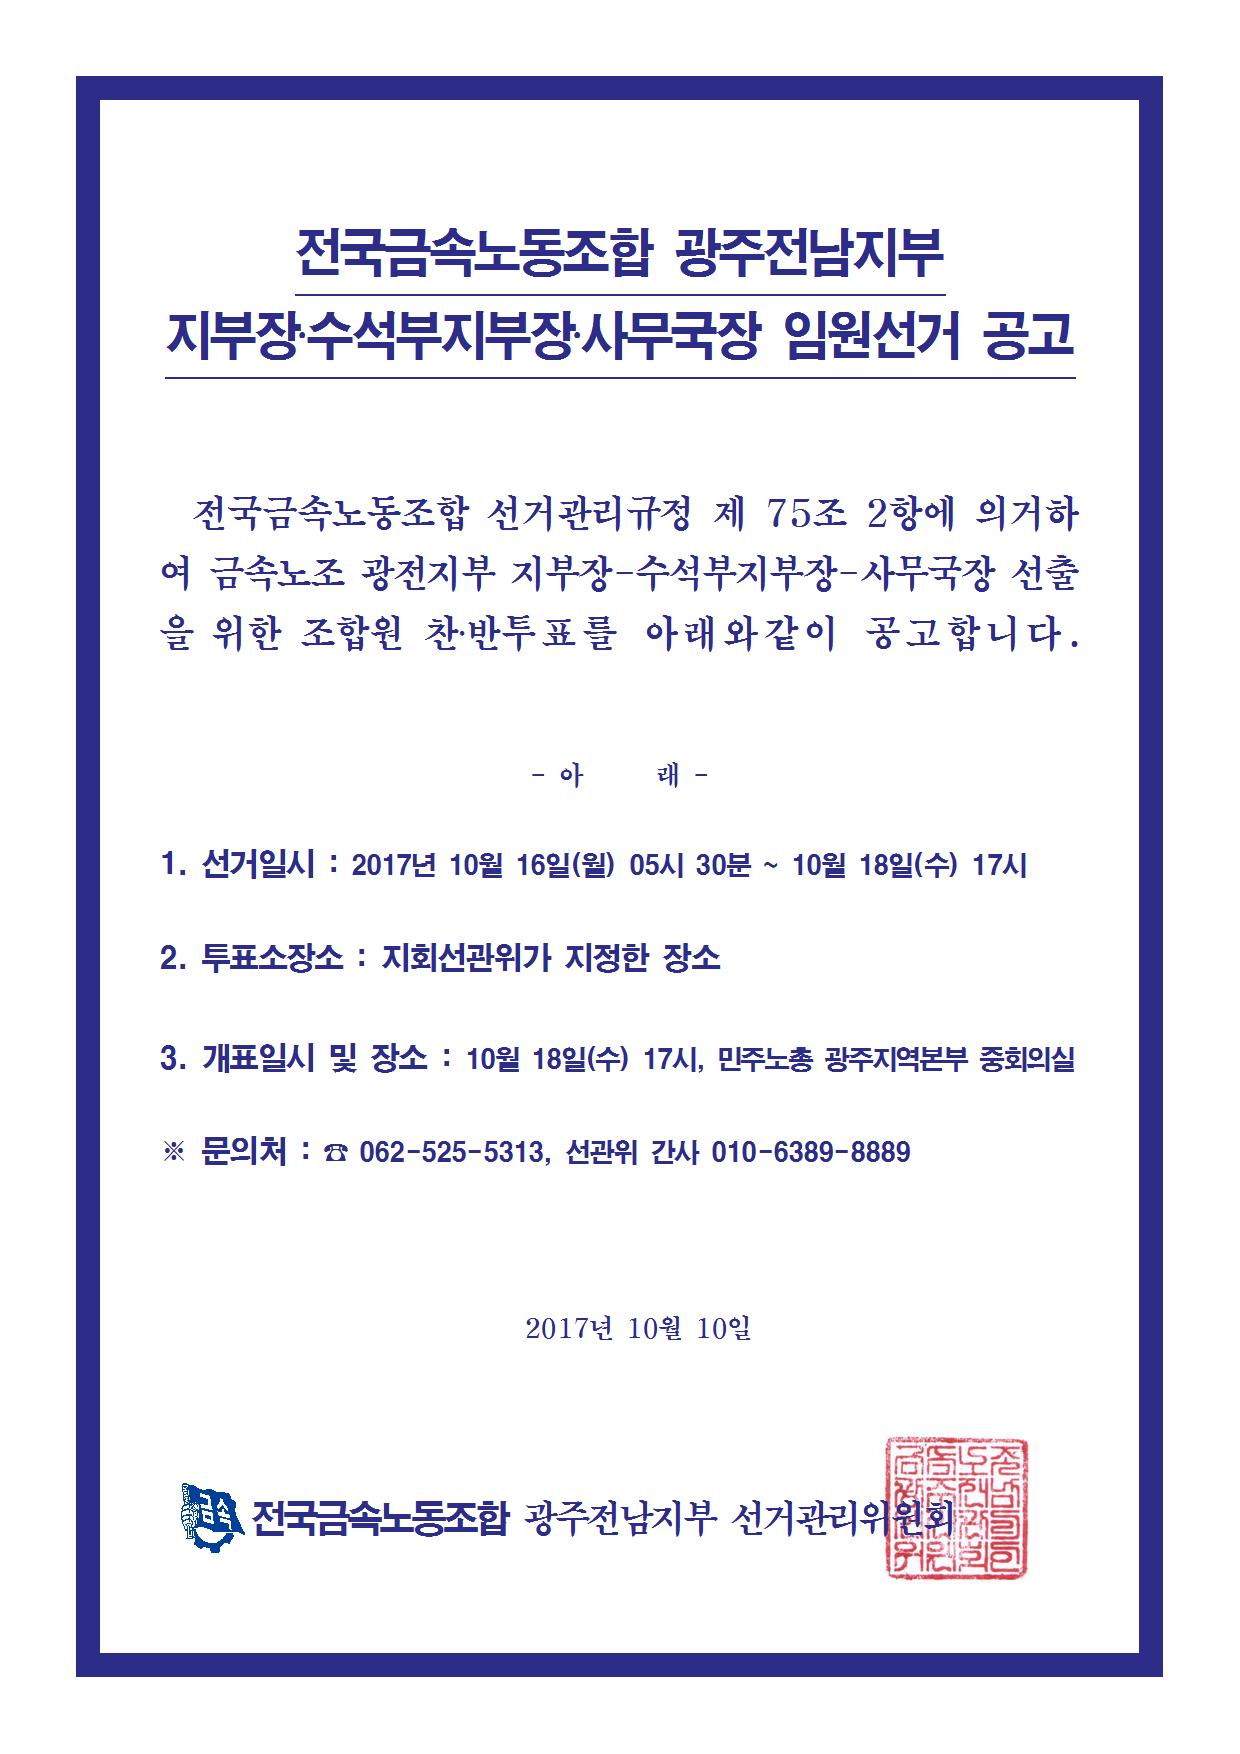 광전지부 임원선거 찬반투표 공고001.jpg